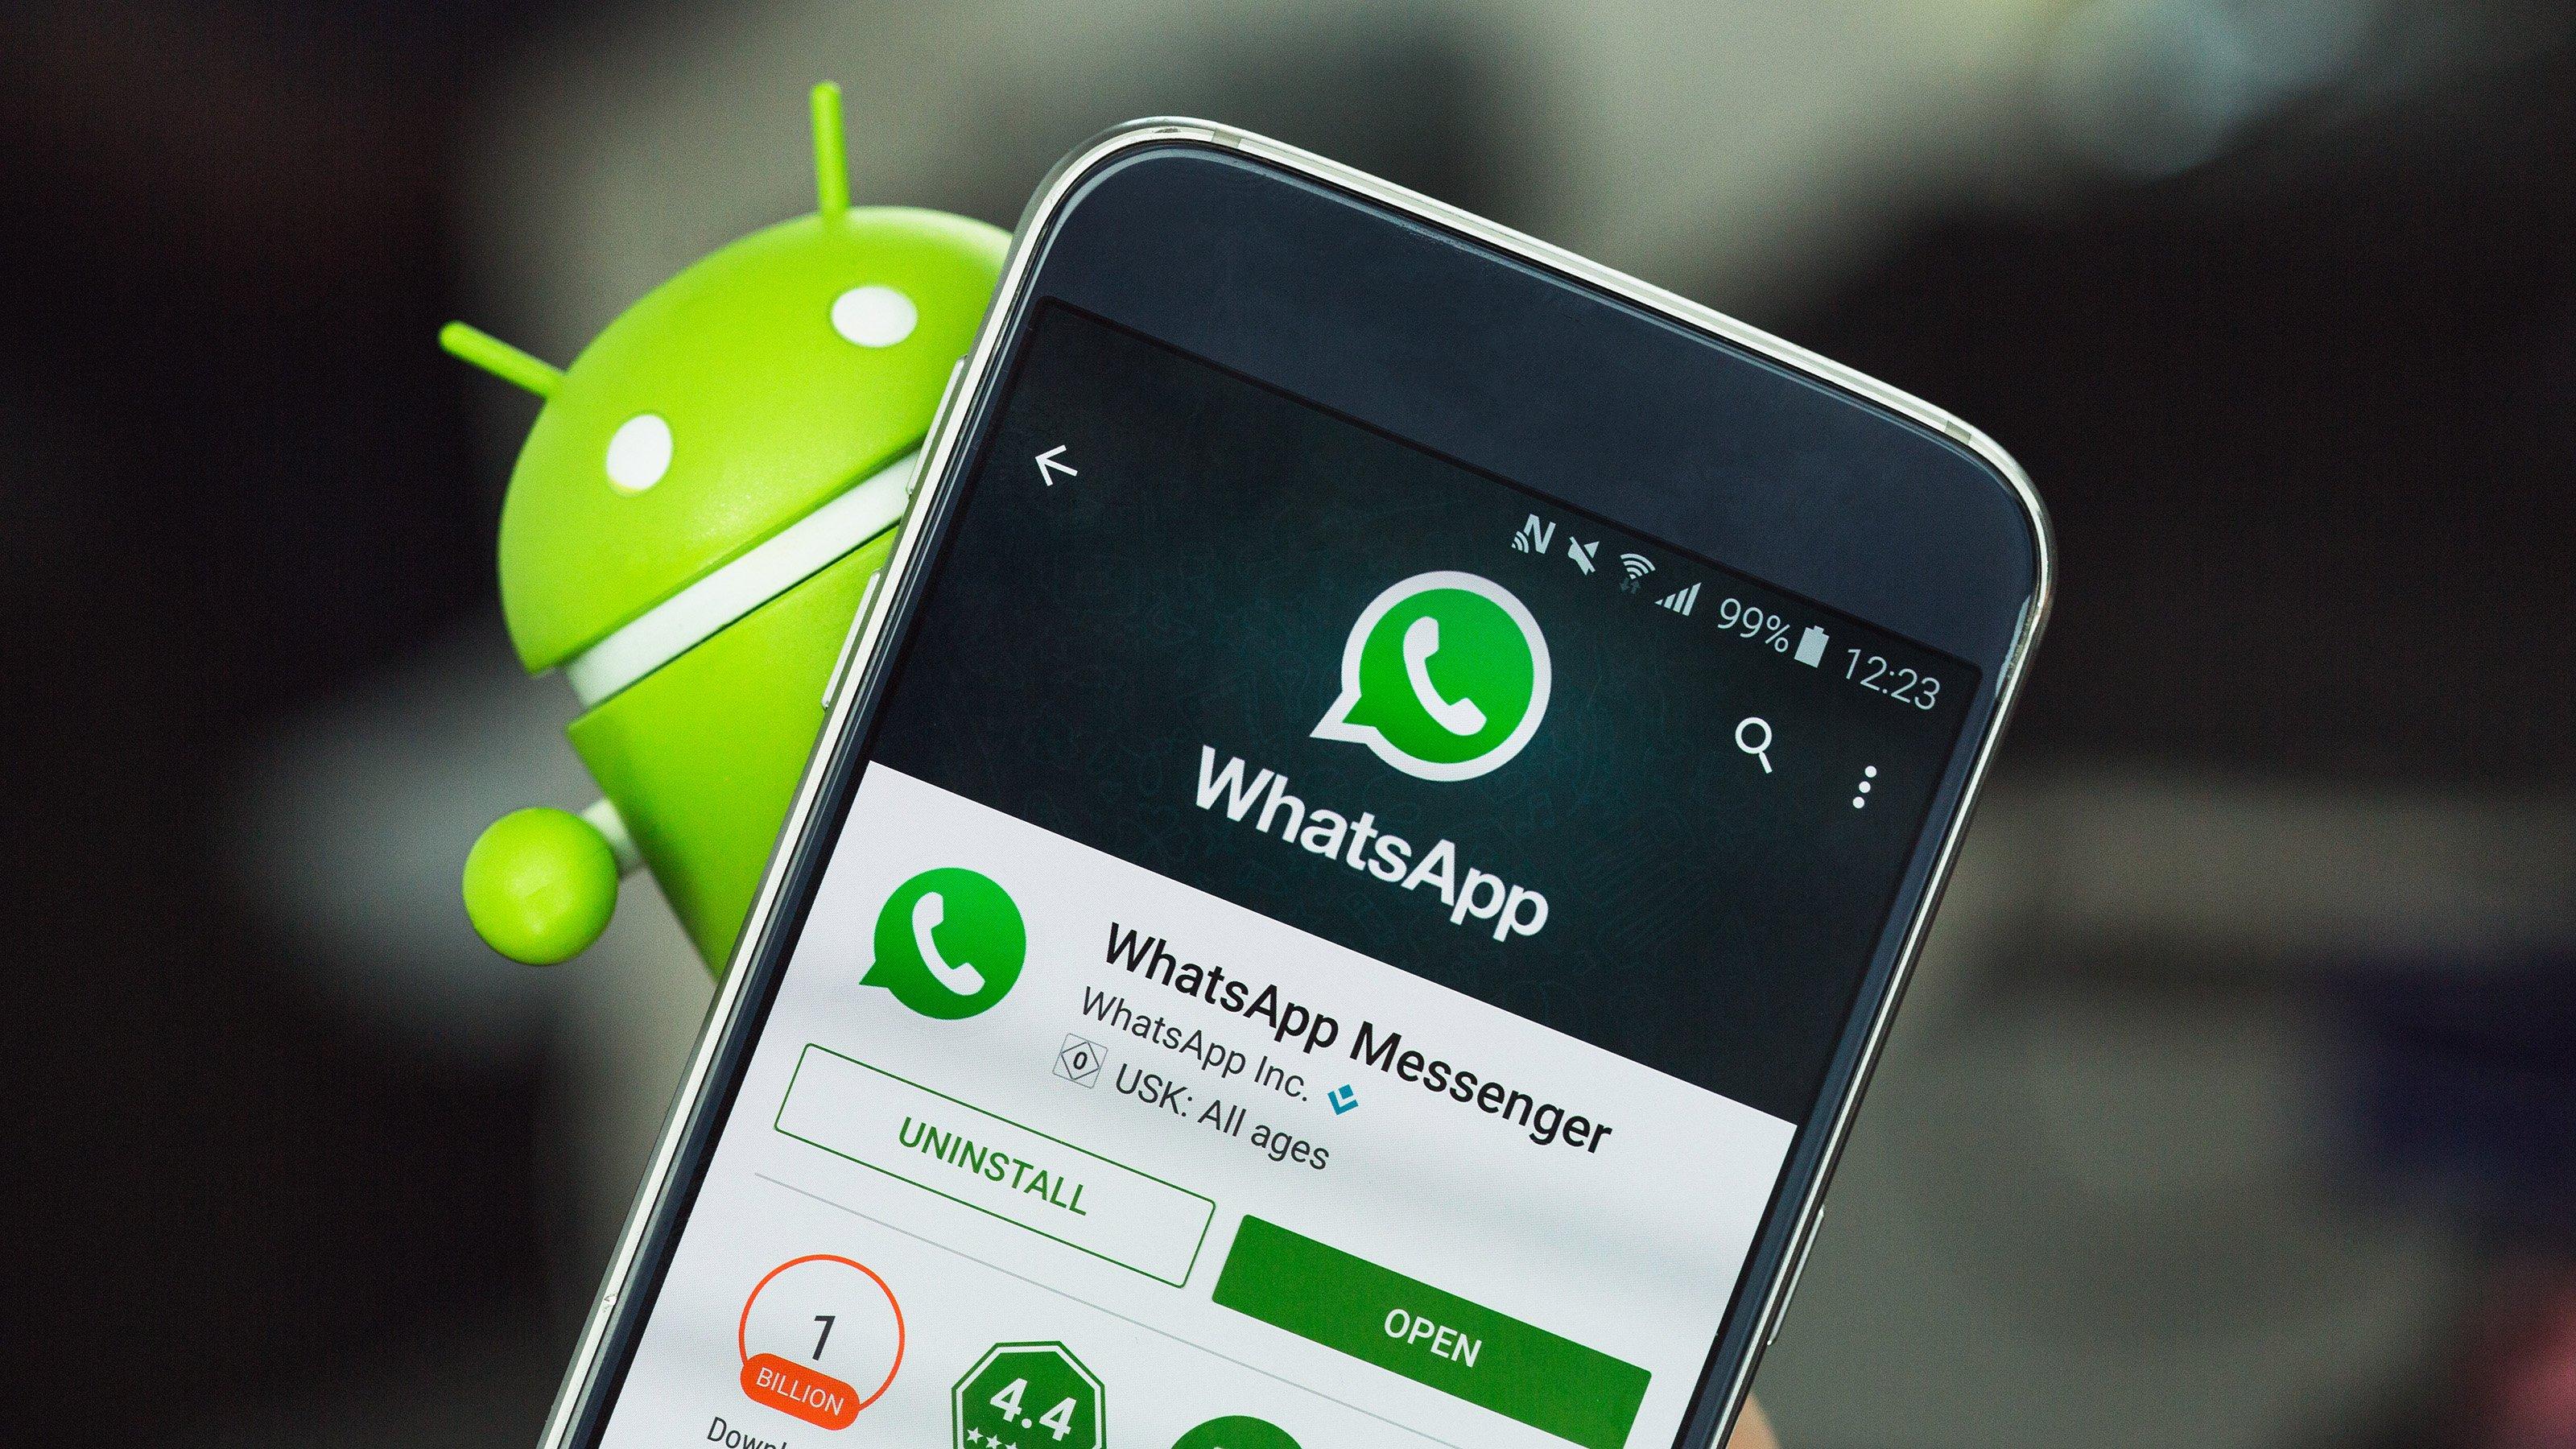 نسخه جعلی WhatsApp بیش از 1 میلیون بار از Google Play Store دانلود شد